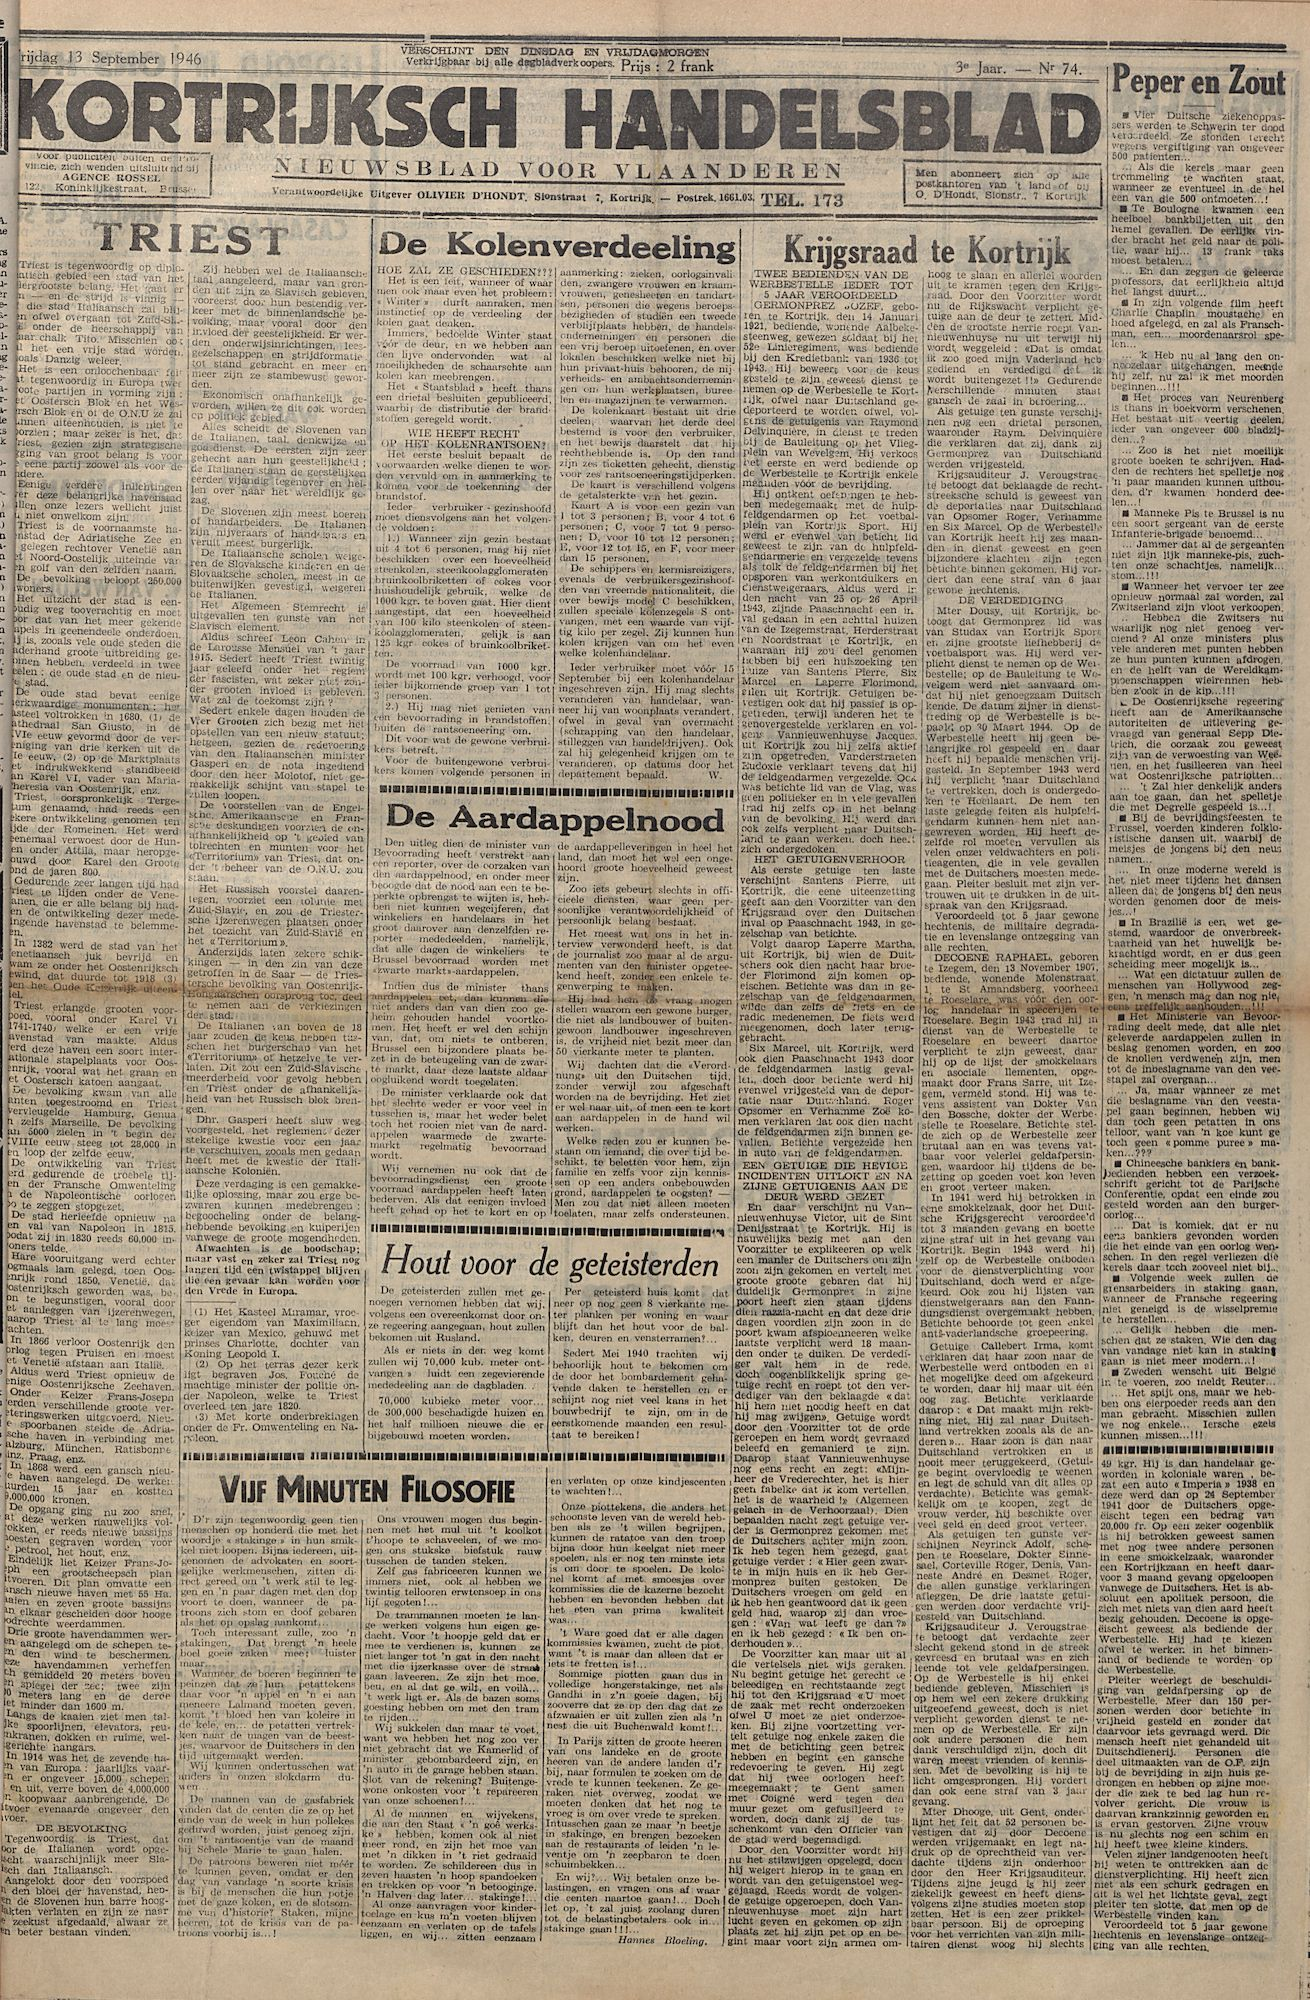 Kortrijksch Handelsblad 13 september 1946 Nr74 p1